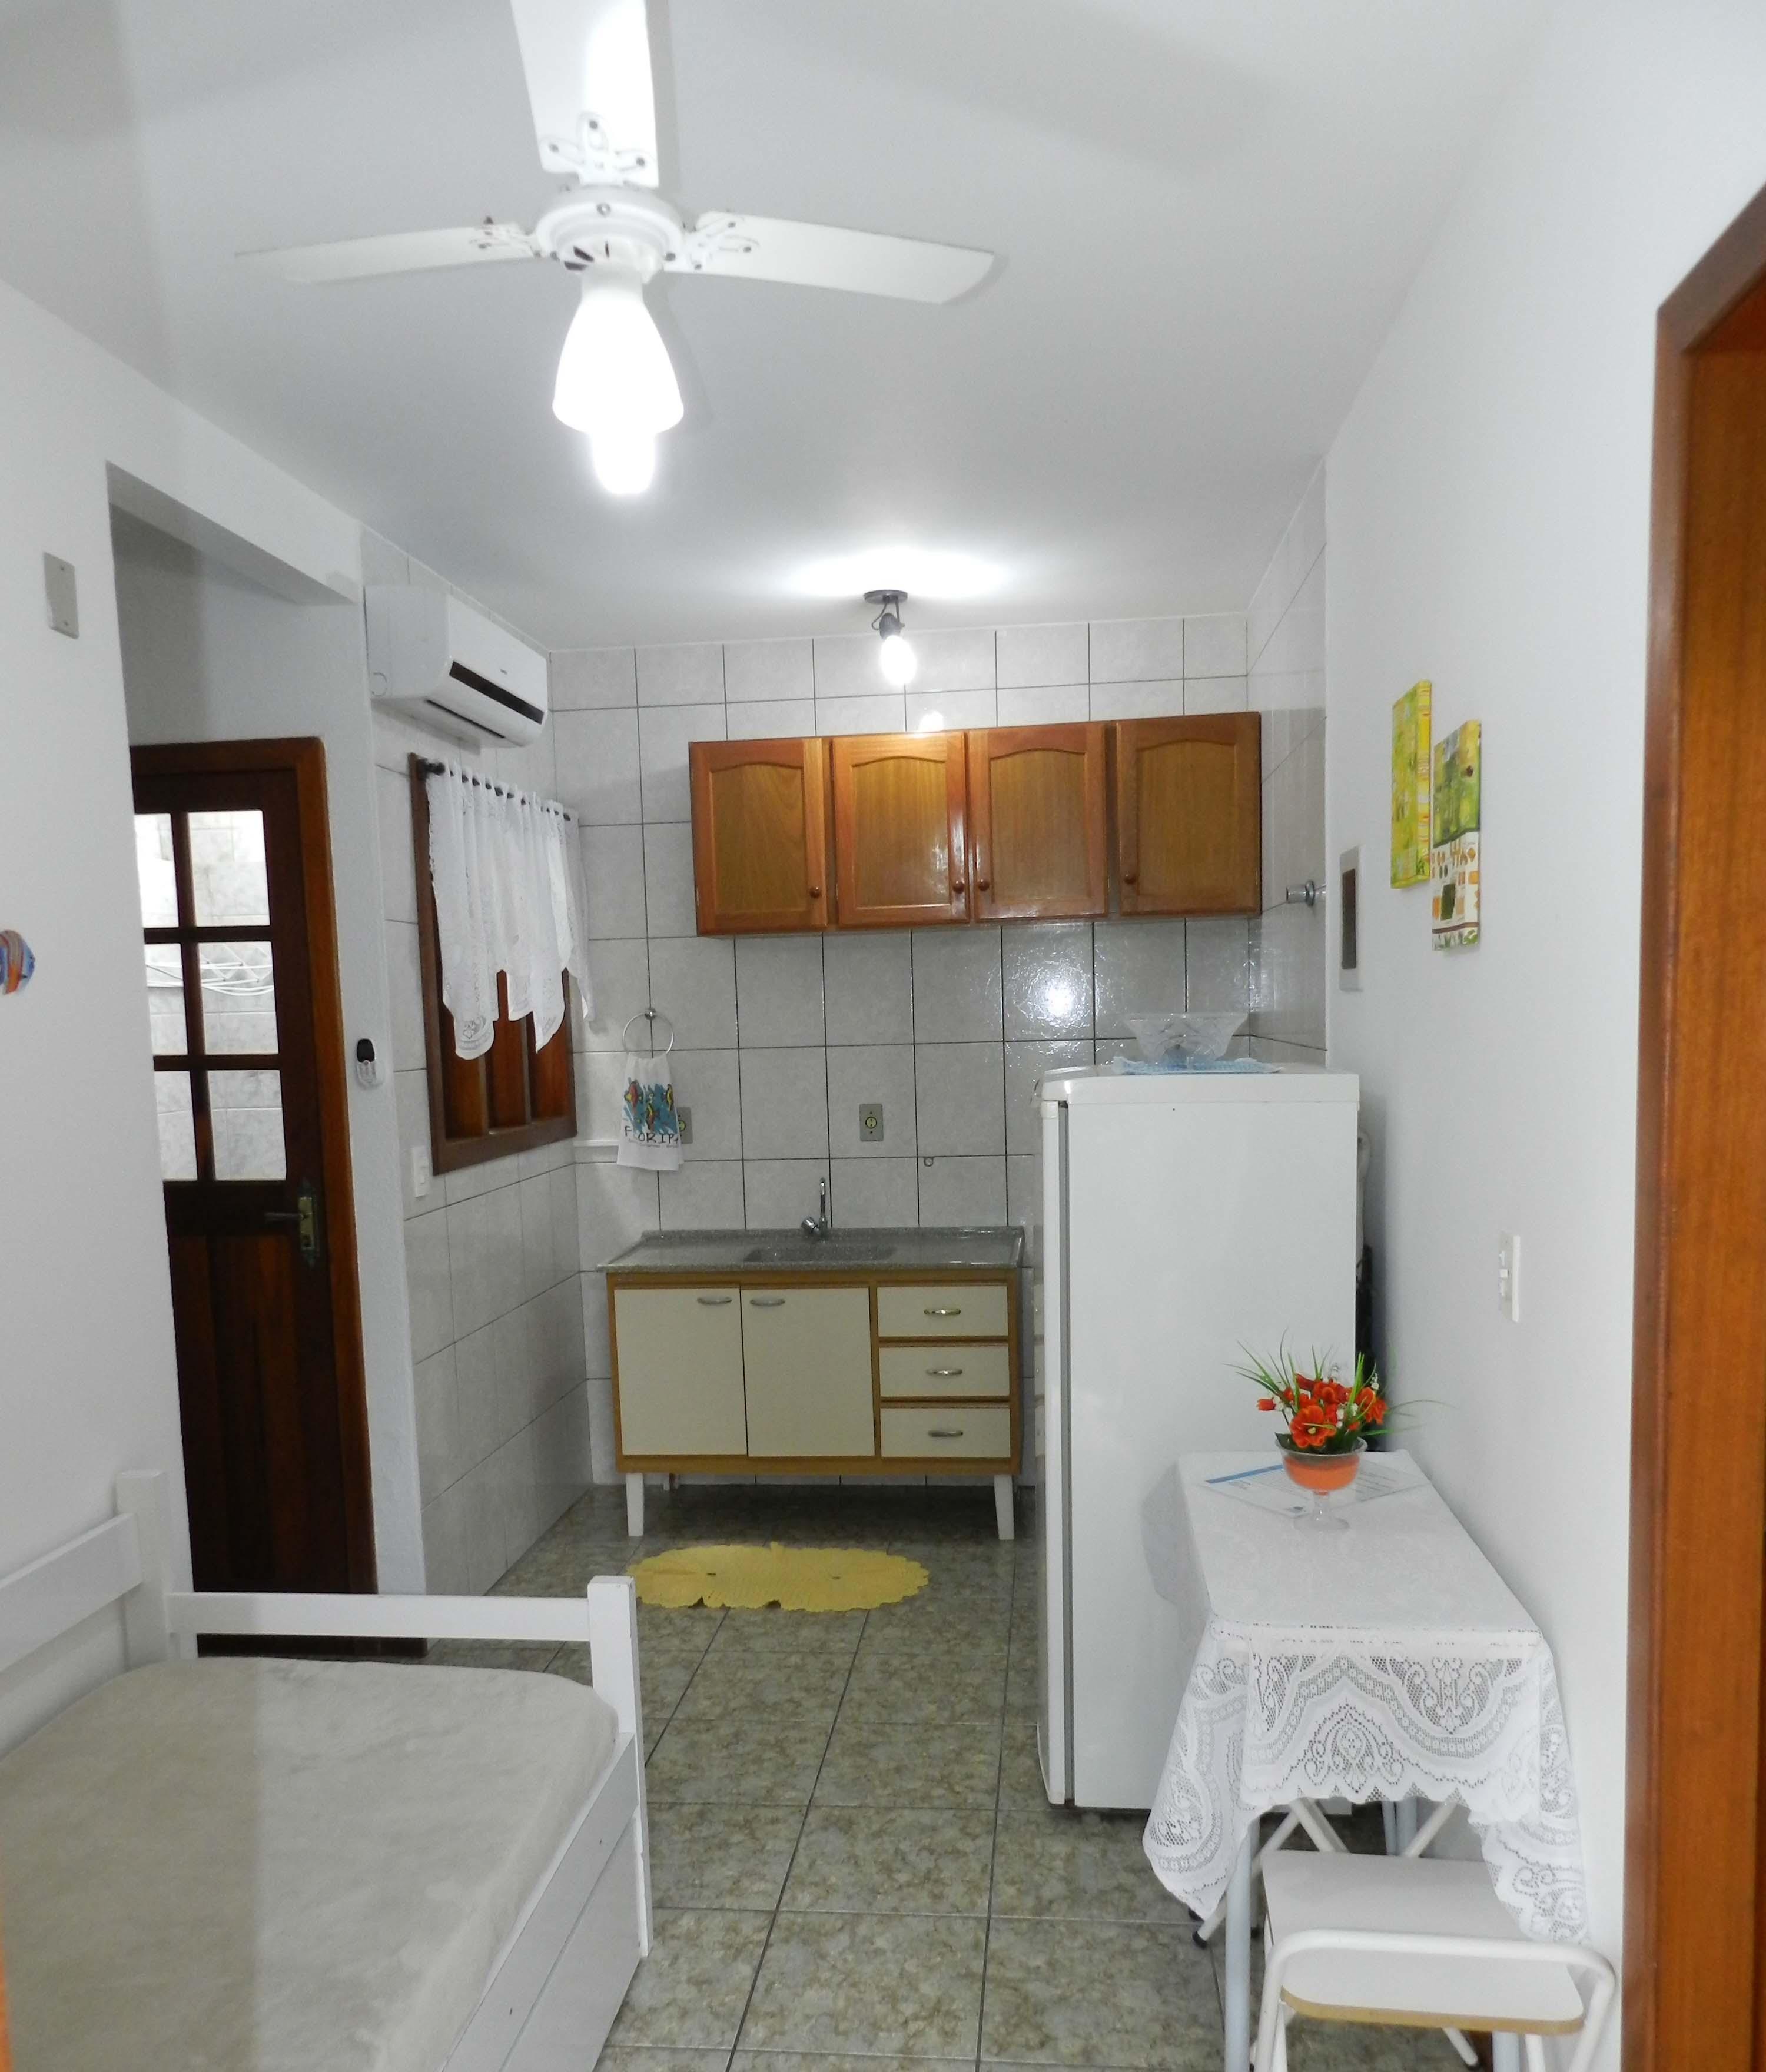 Cozinha  Apartamento 9 #7E481C 3000 3520